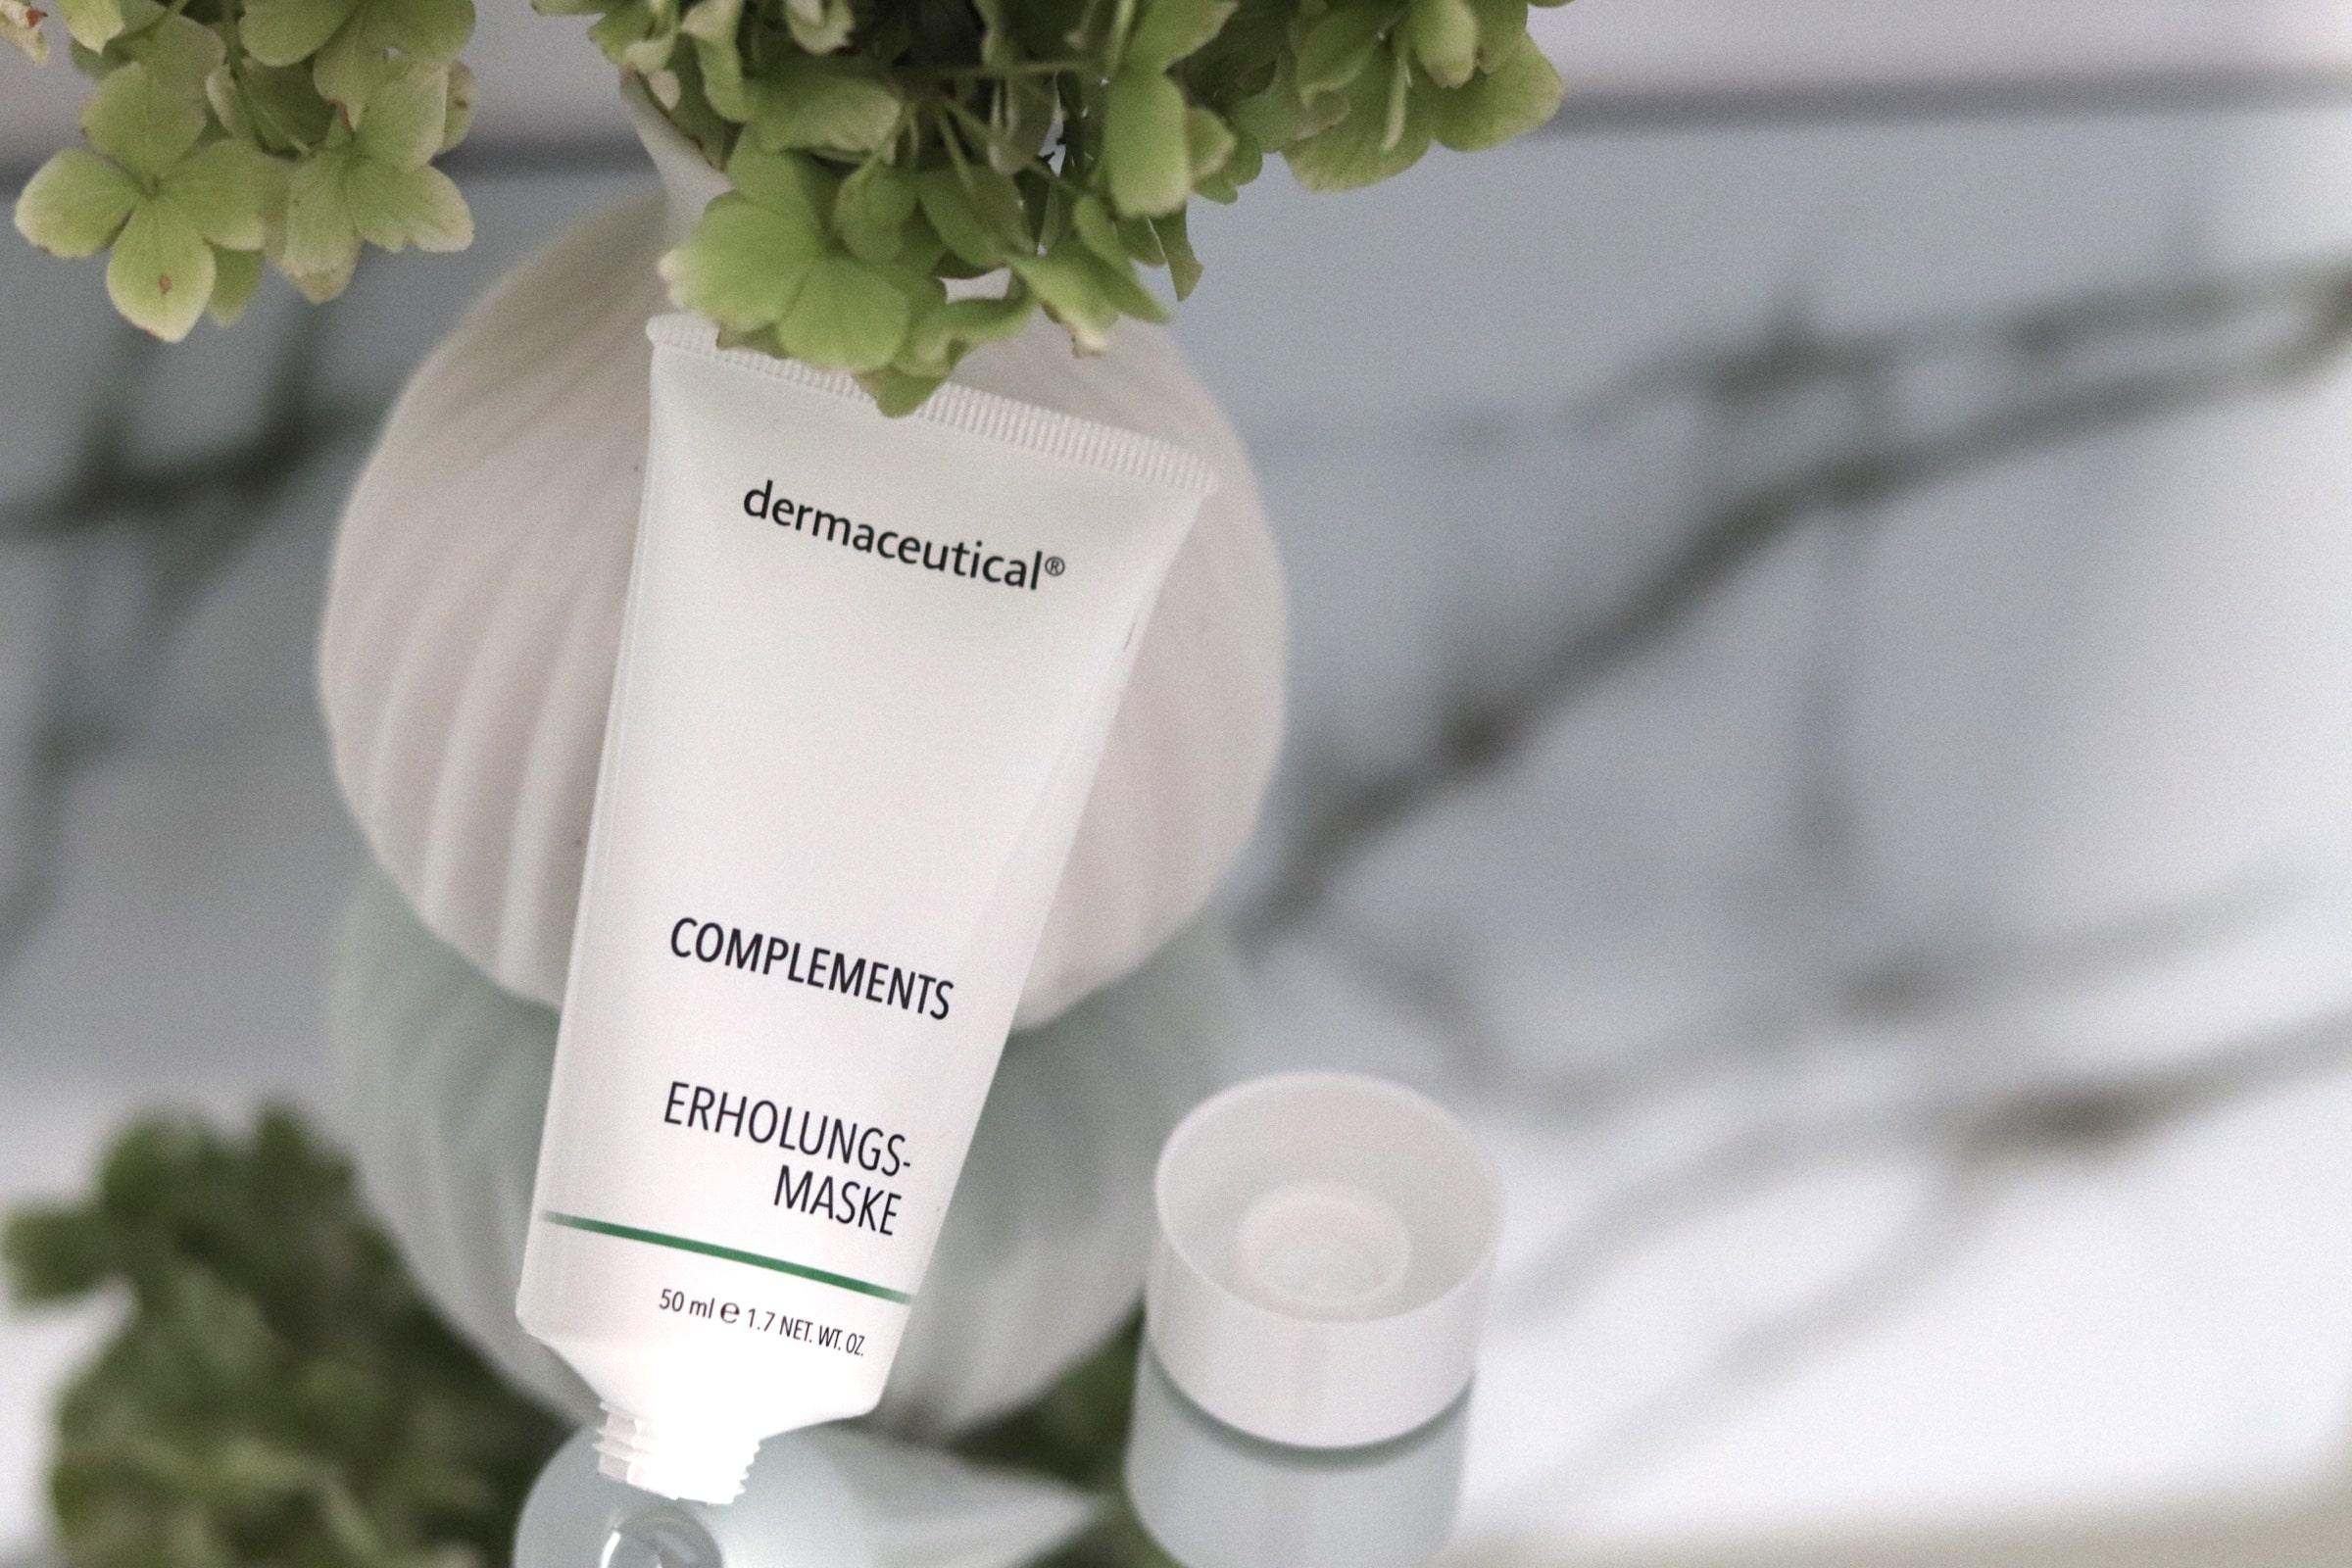 Gesichtsmaske von dermaceutical